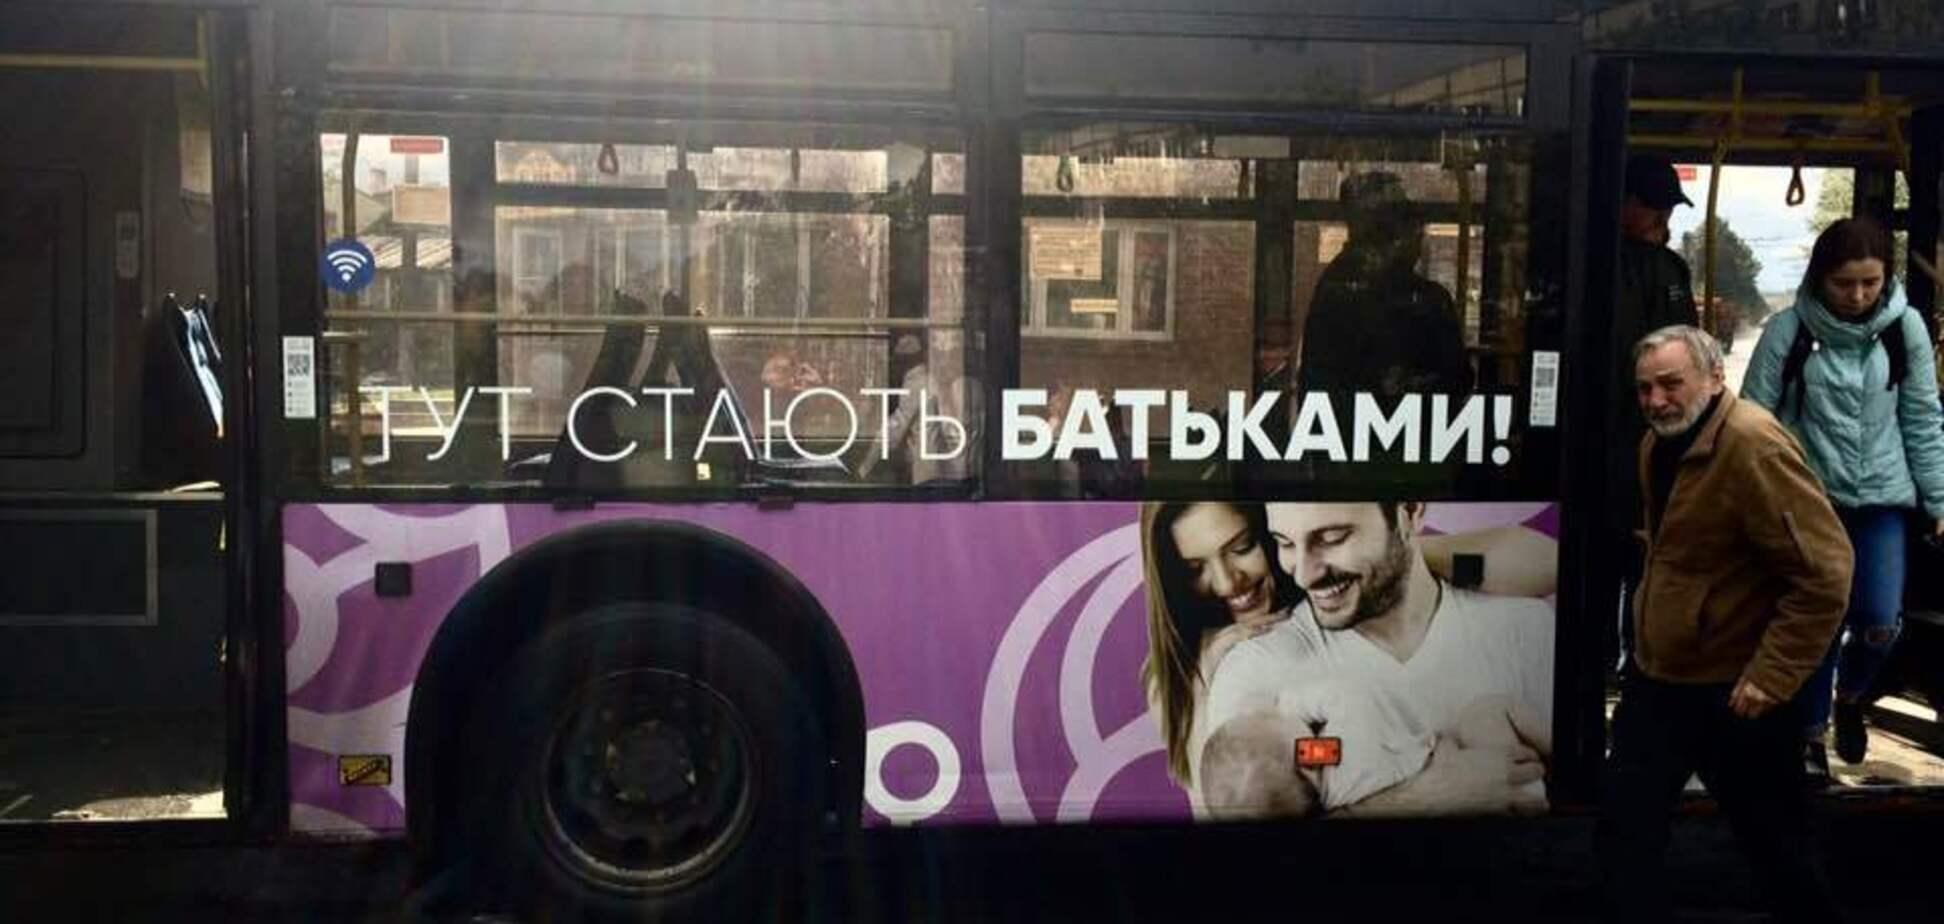 ''Женщинам страшно'': троллейбус во Львове оконфузился с рекламой